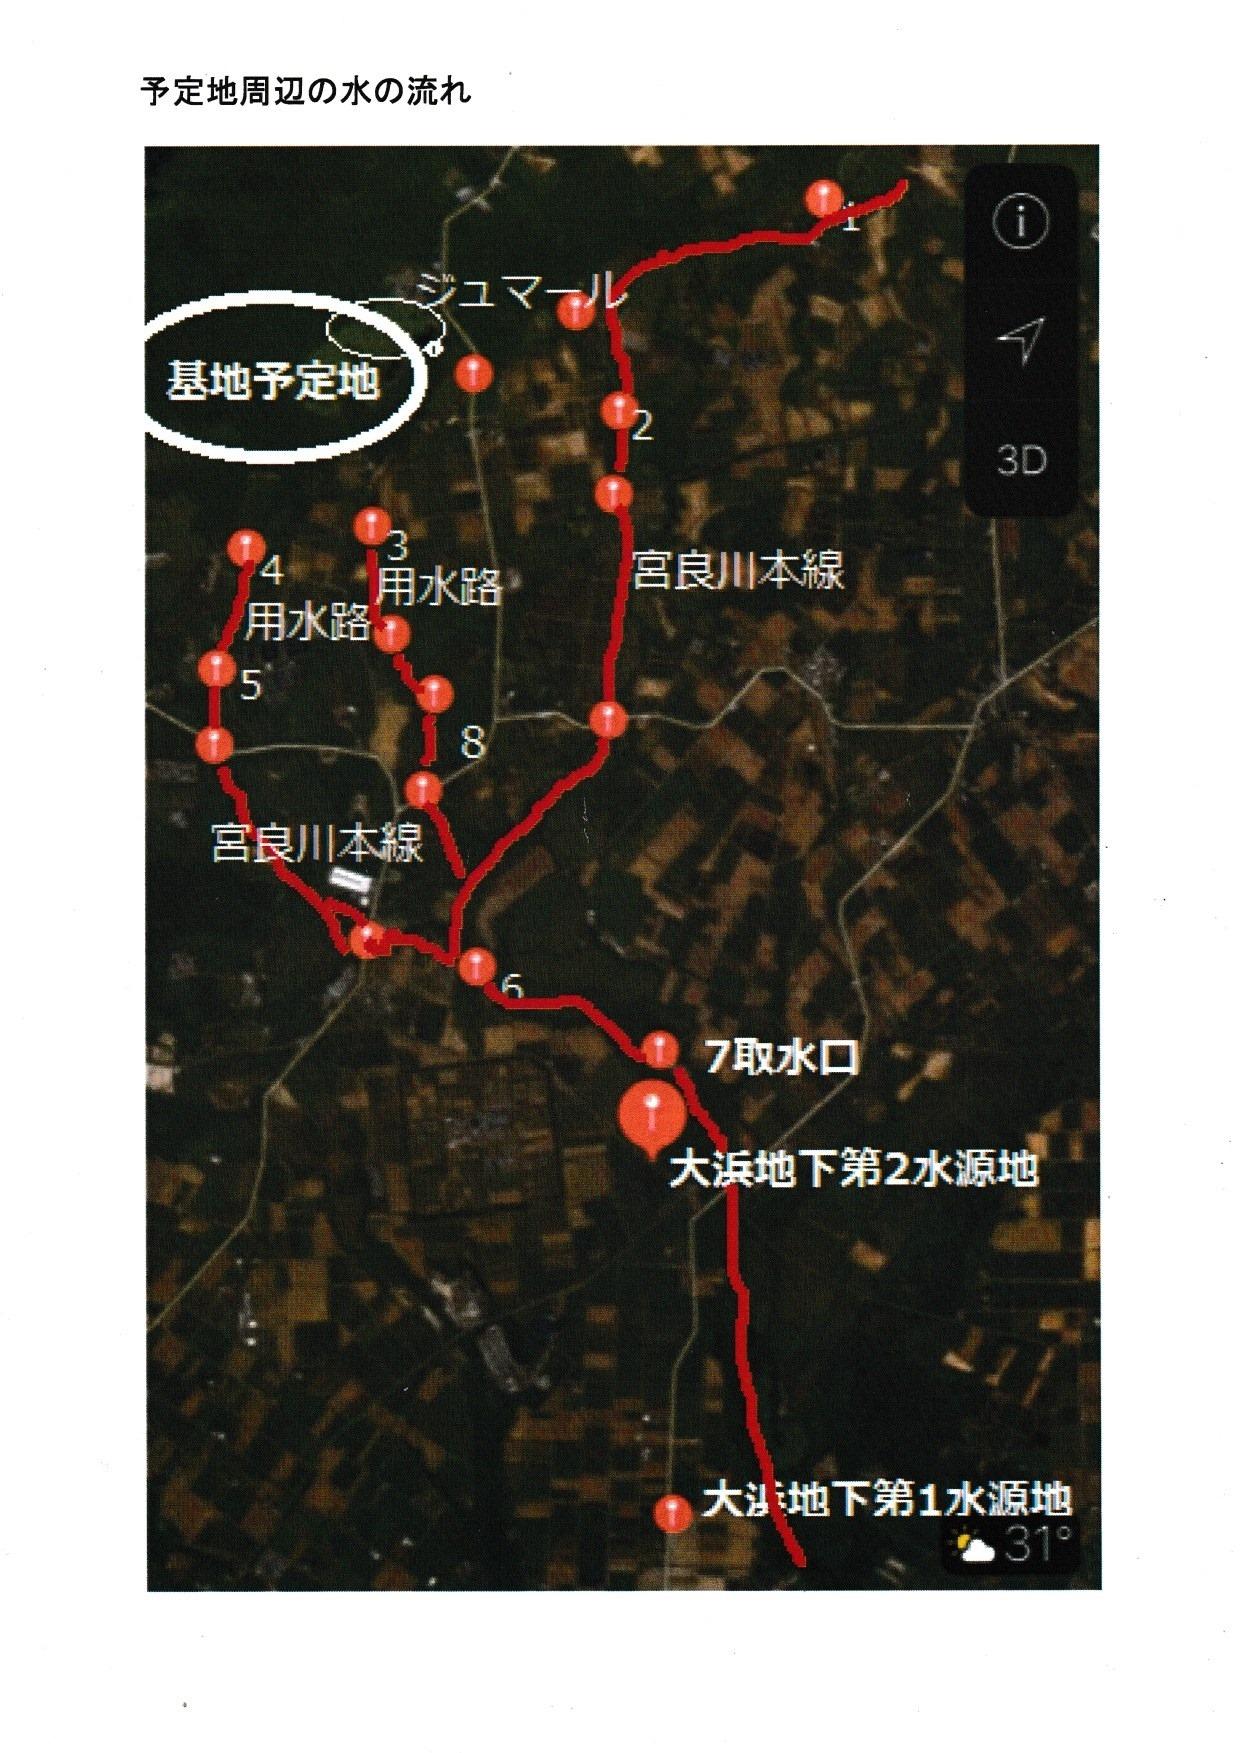 石垣島陸自配備予定地周辺の水の流れ